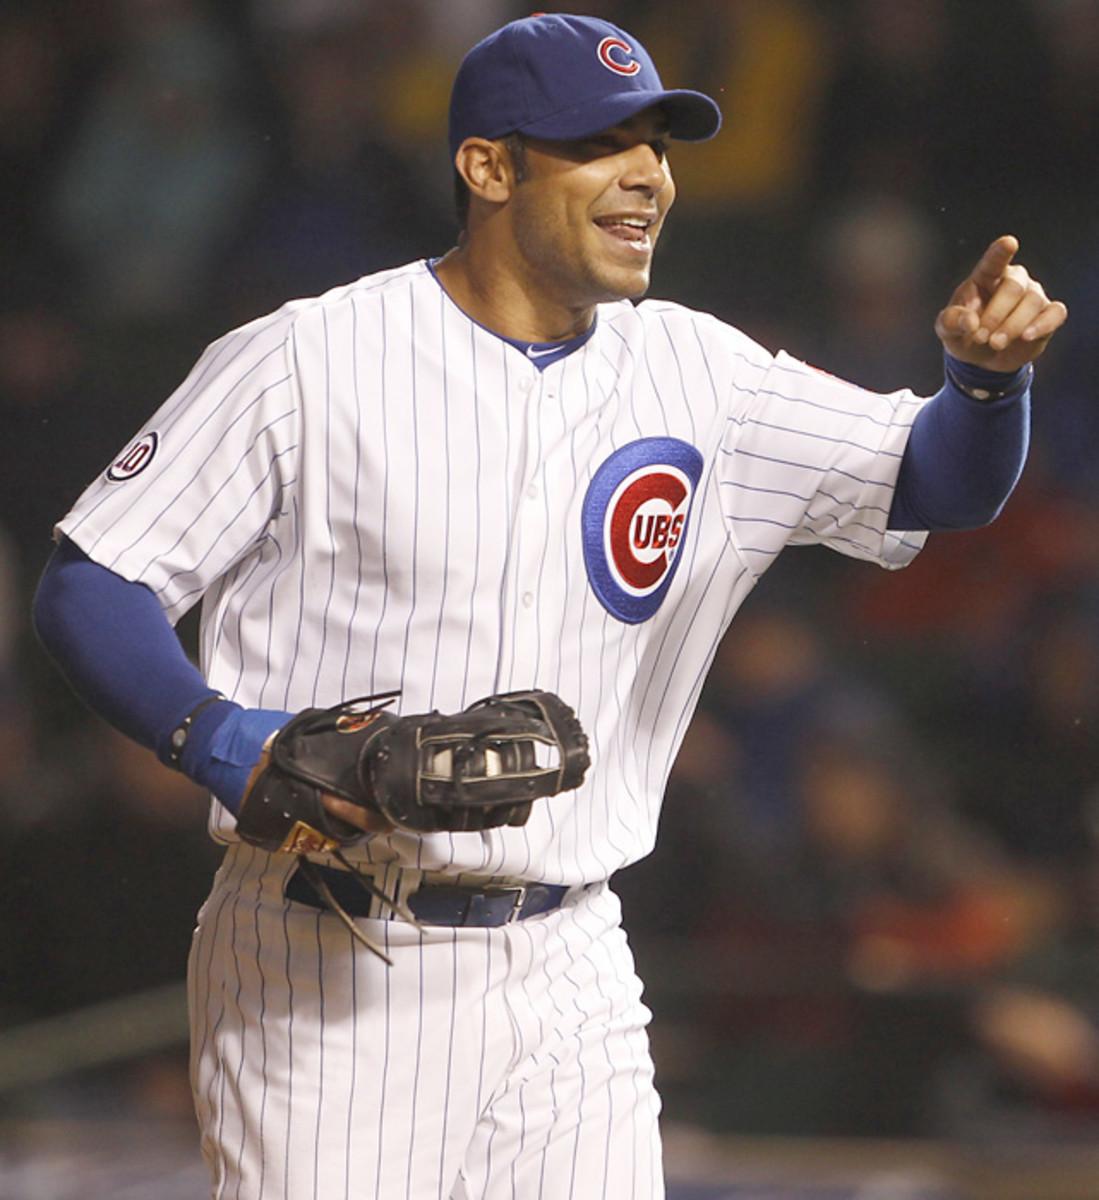 Carlos Pena, Cubs